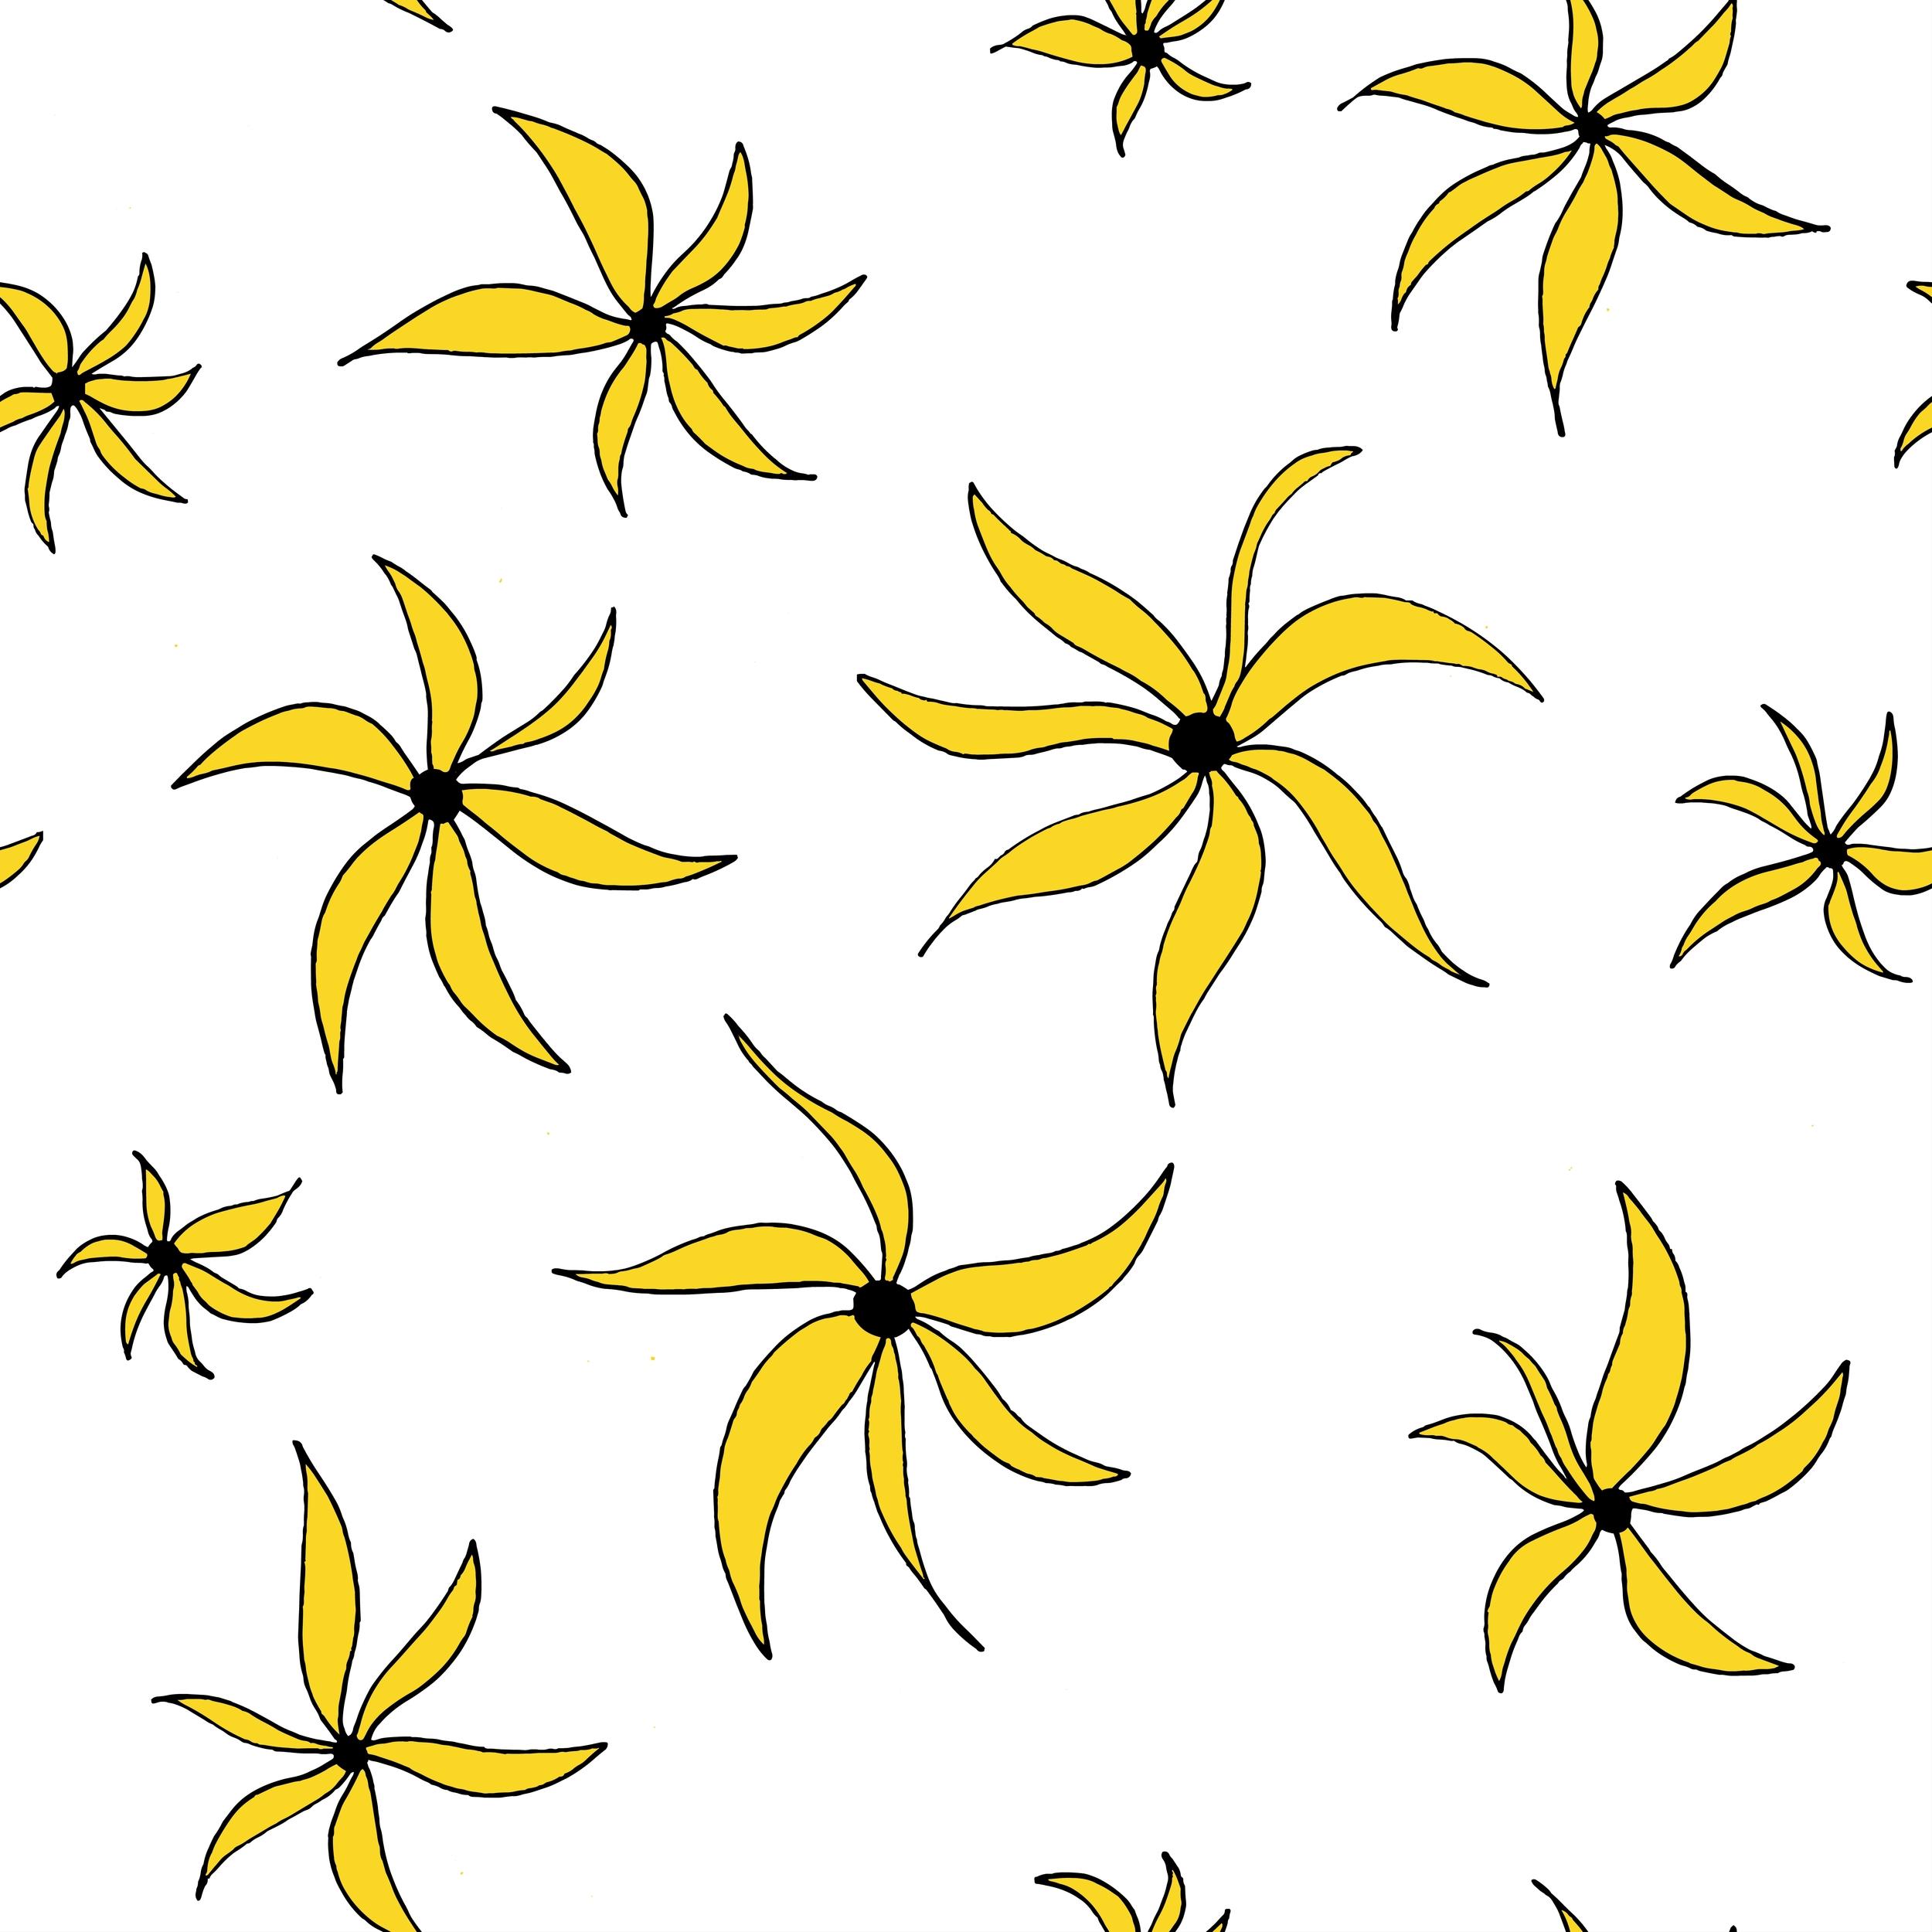 3_flowers0001.jpg